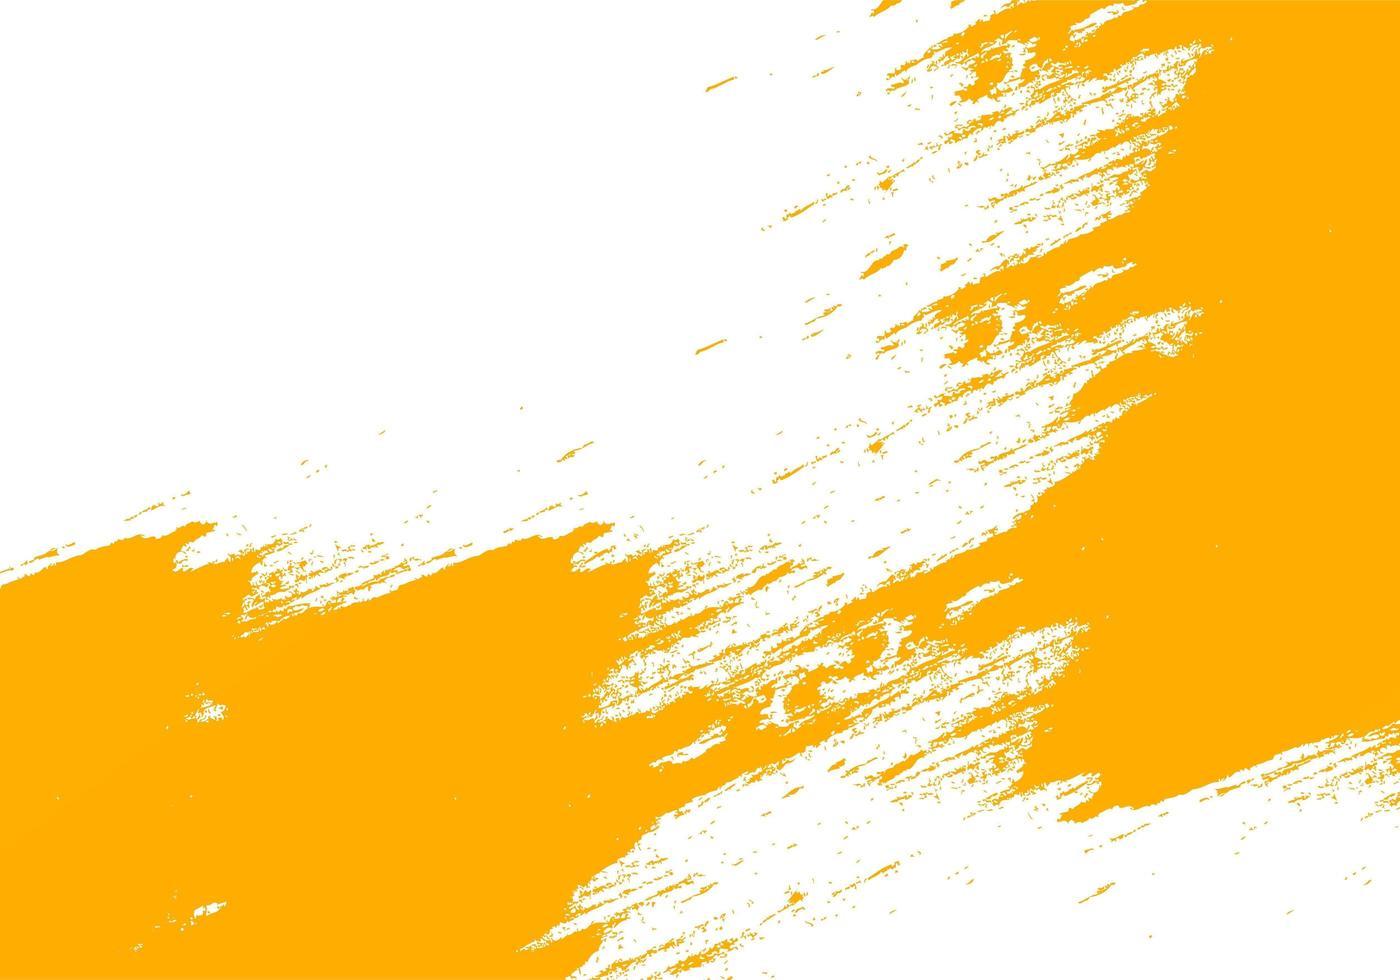 oranje grunge penseelstreek textuur richting centrum vector